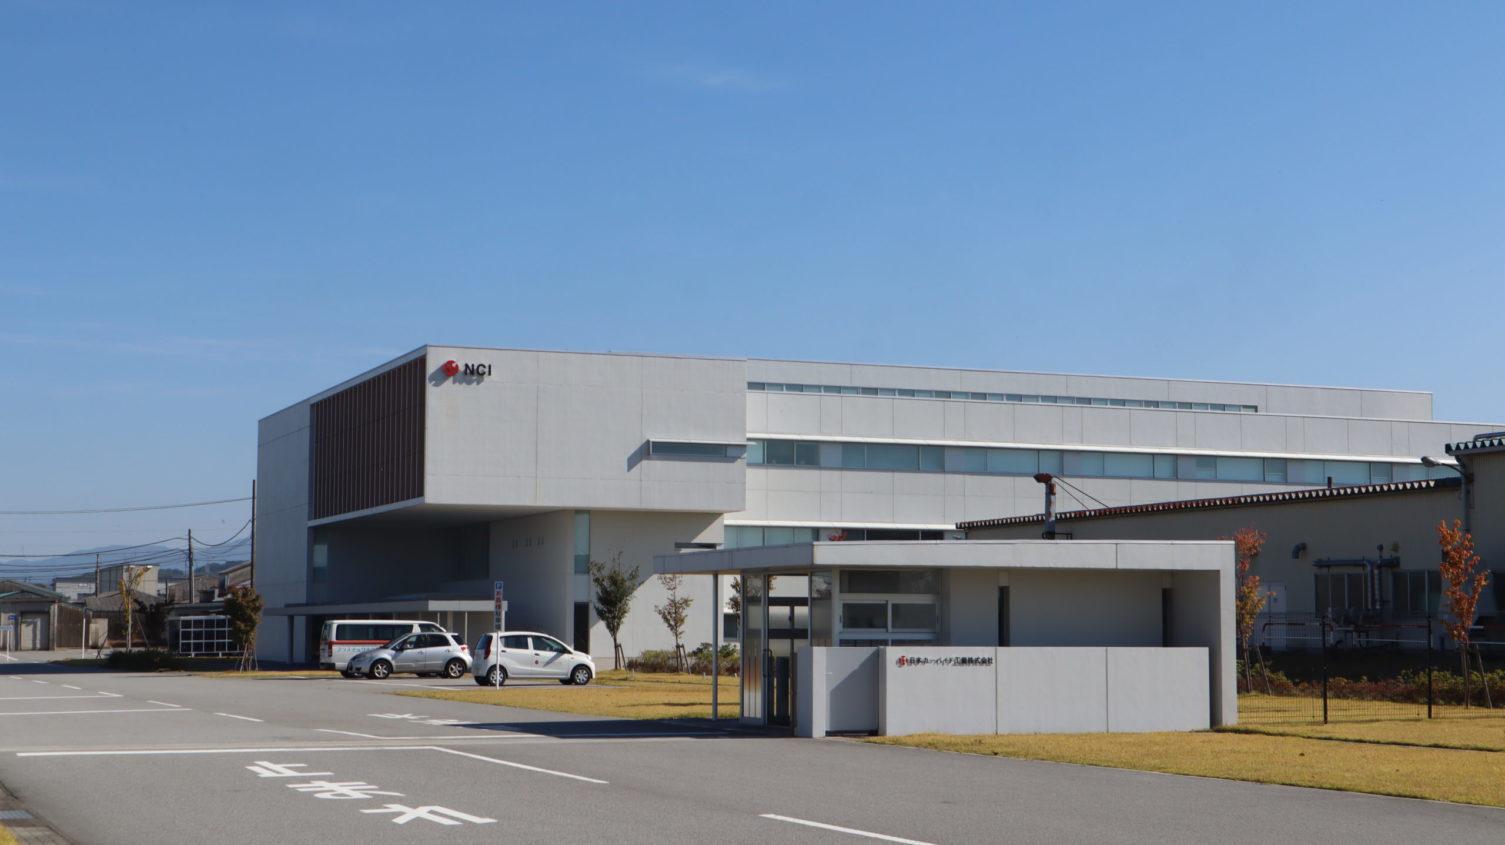 【お知らせ】早月工場(富山県滑川市)での再帰反射シートと次世代機能性フィルムの設備増強を決定